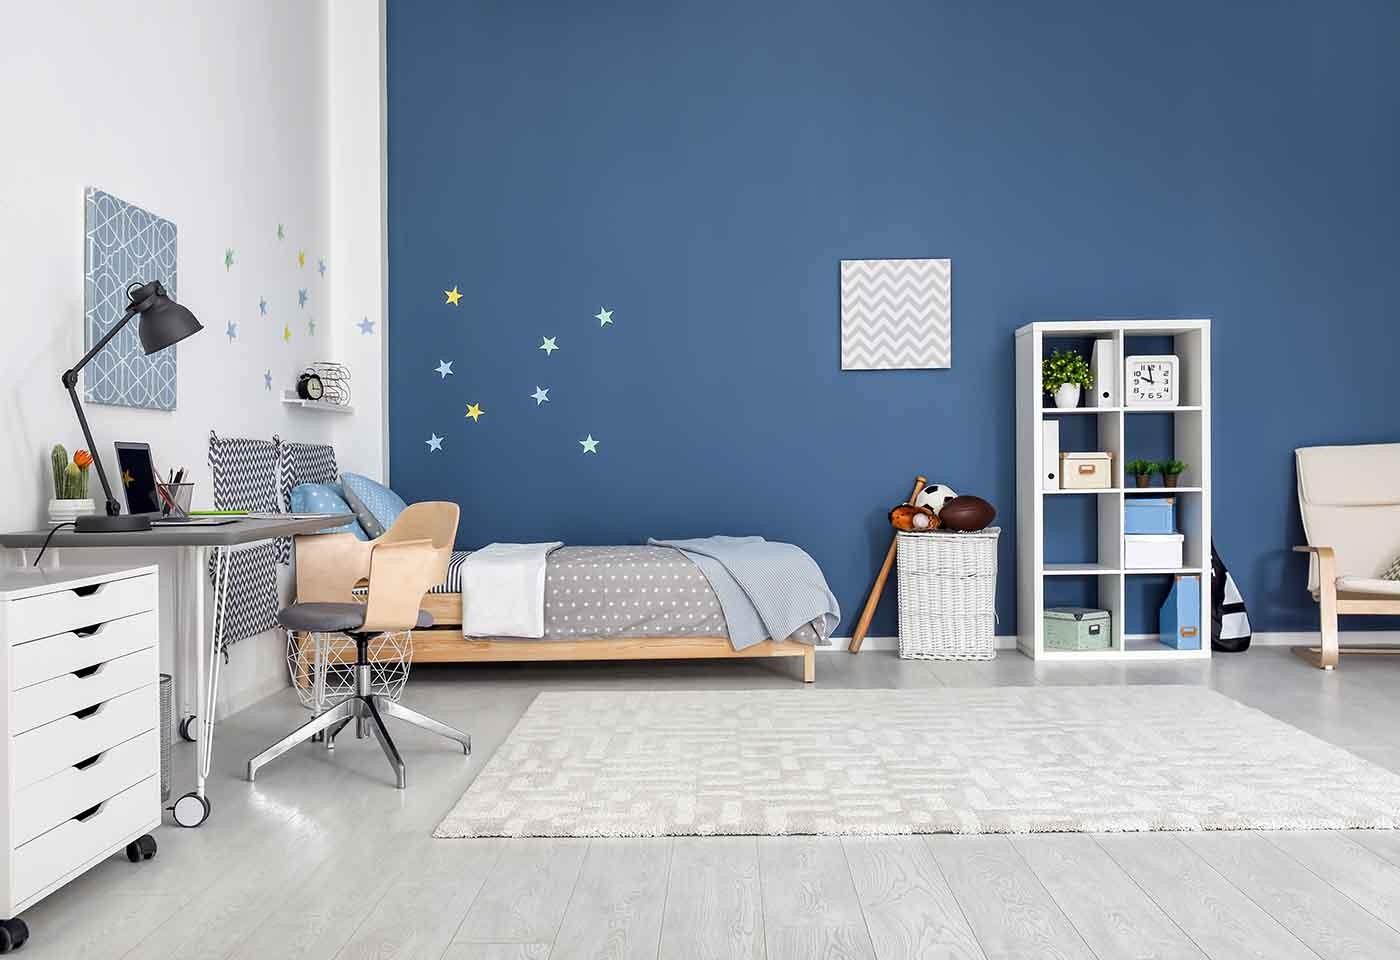 Idee Pittura Cameretta Bambina camerette per bambini: una fiaba in versione design.